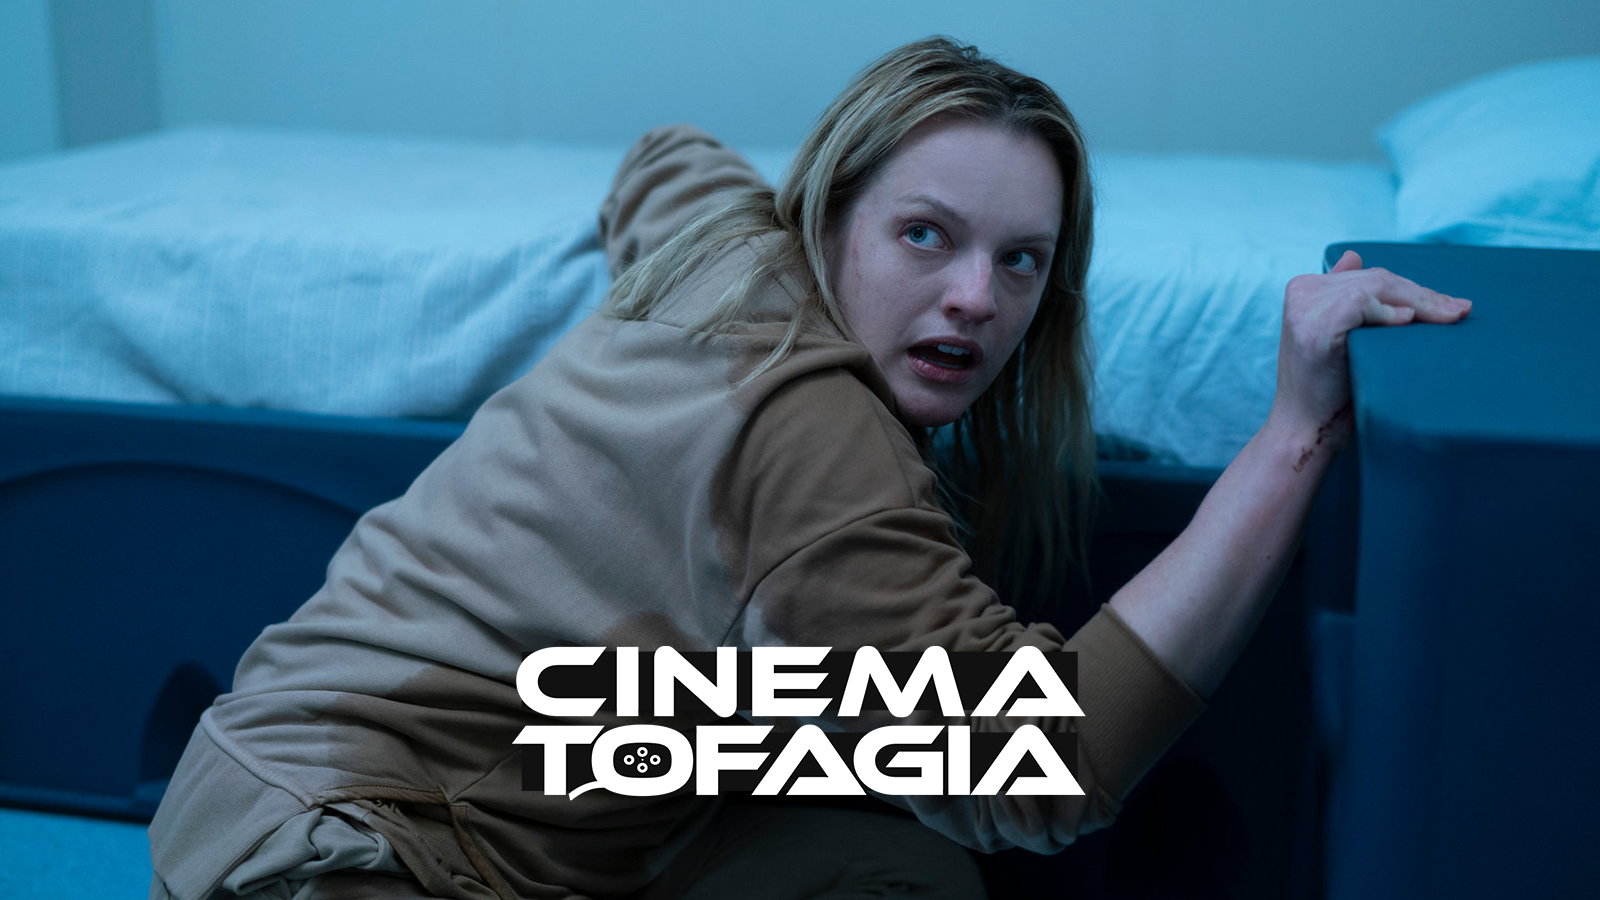 Com um ótimo começo, o filme vai perdendo a solidez quanto mais explicada fica a trama